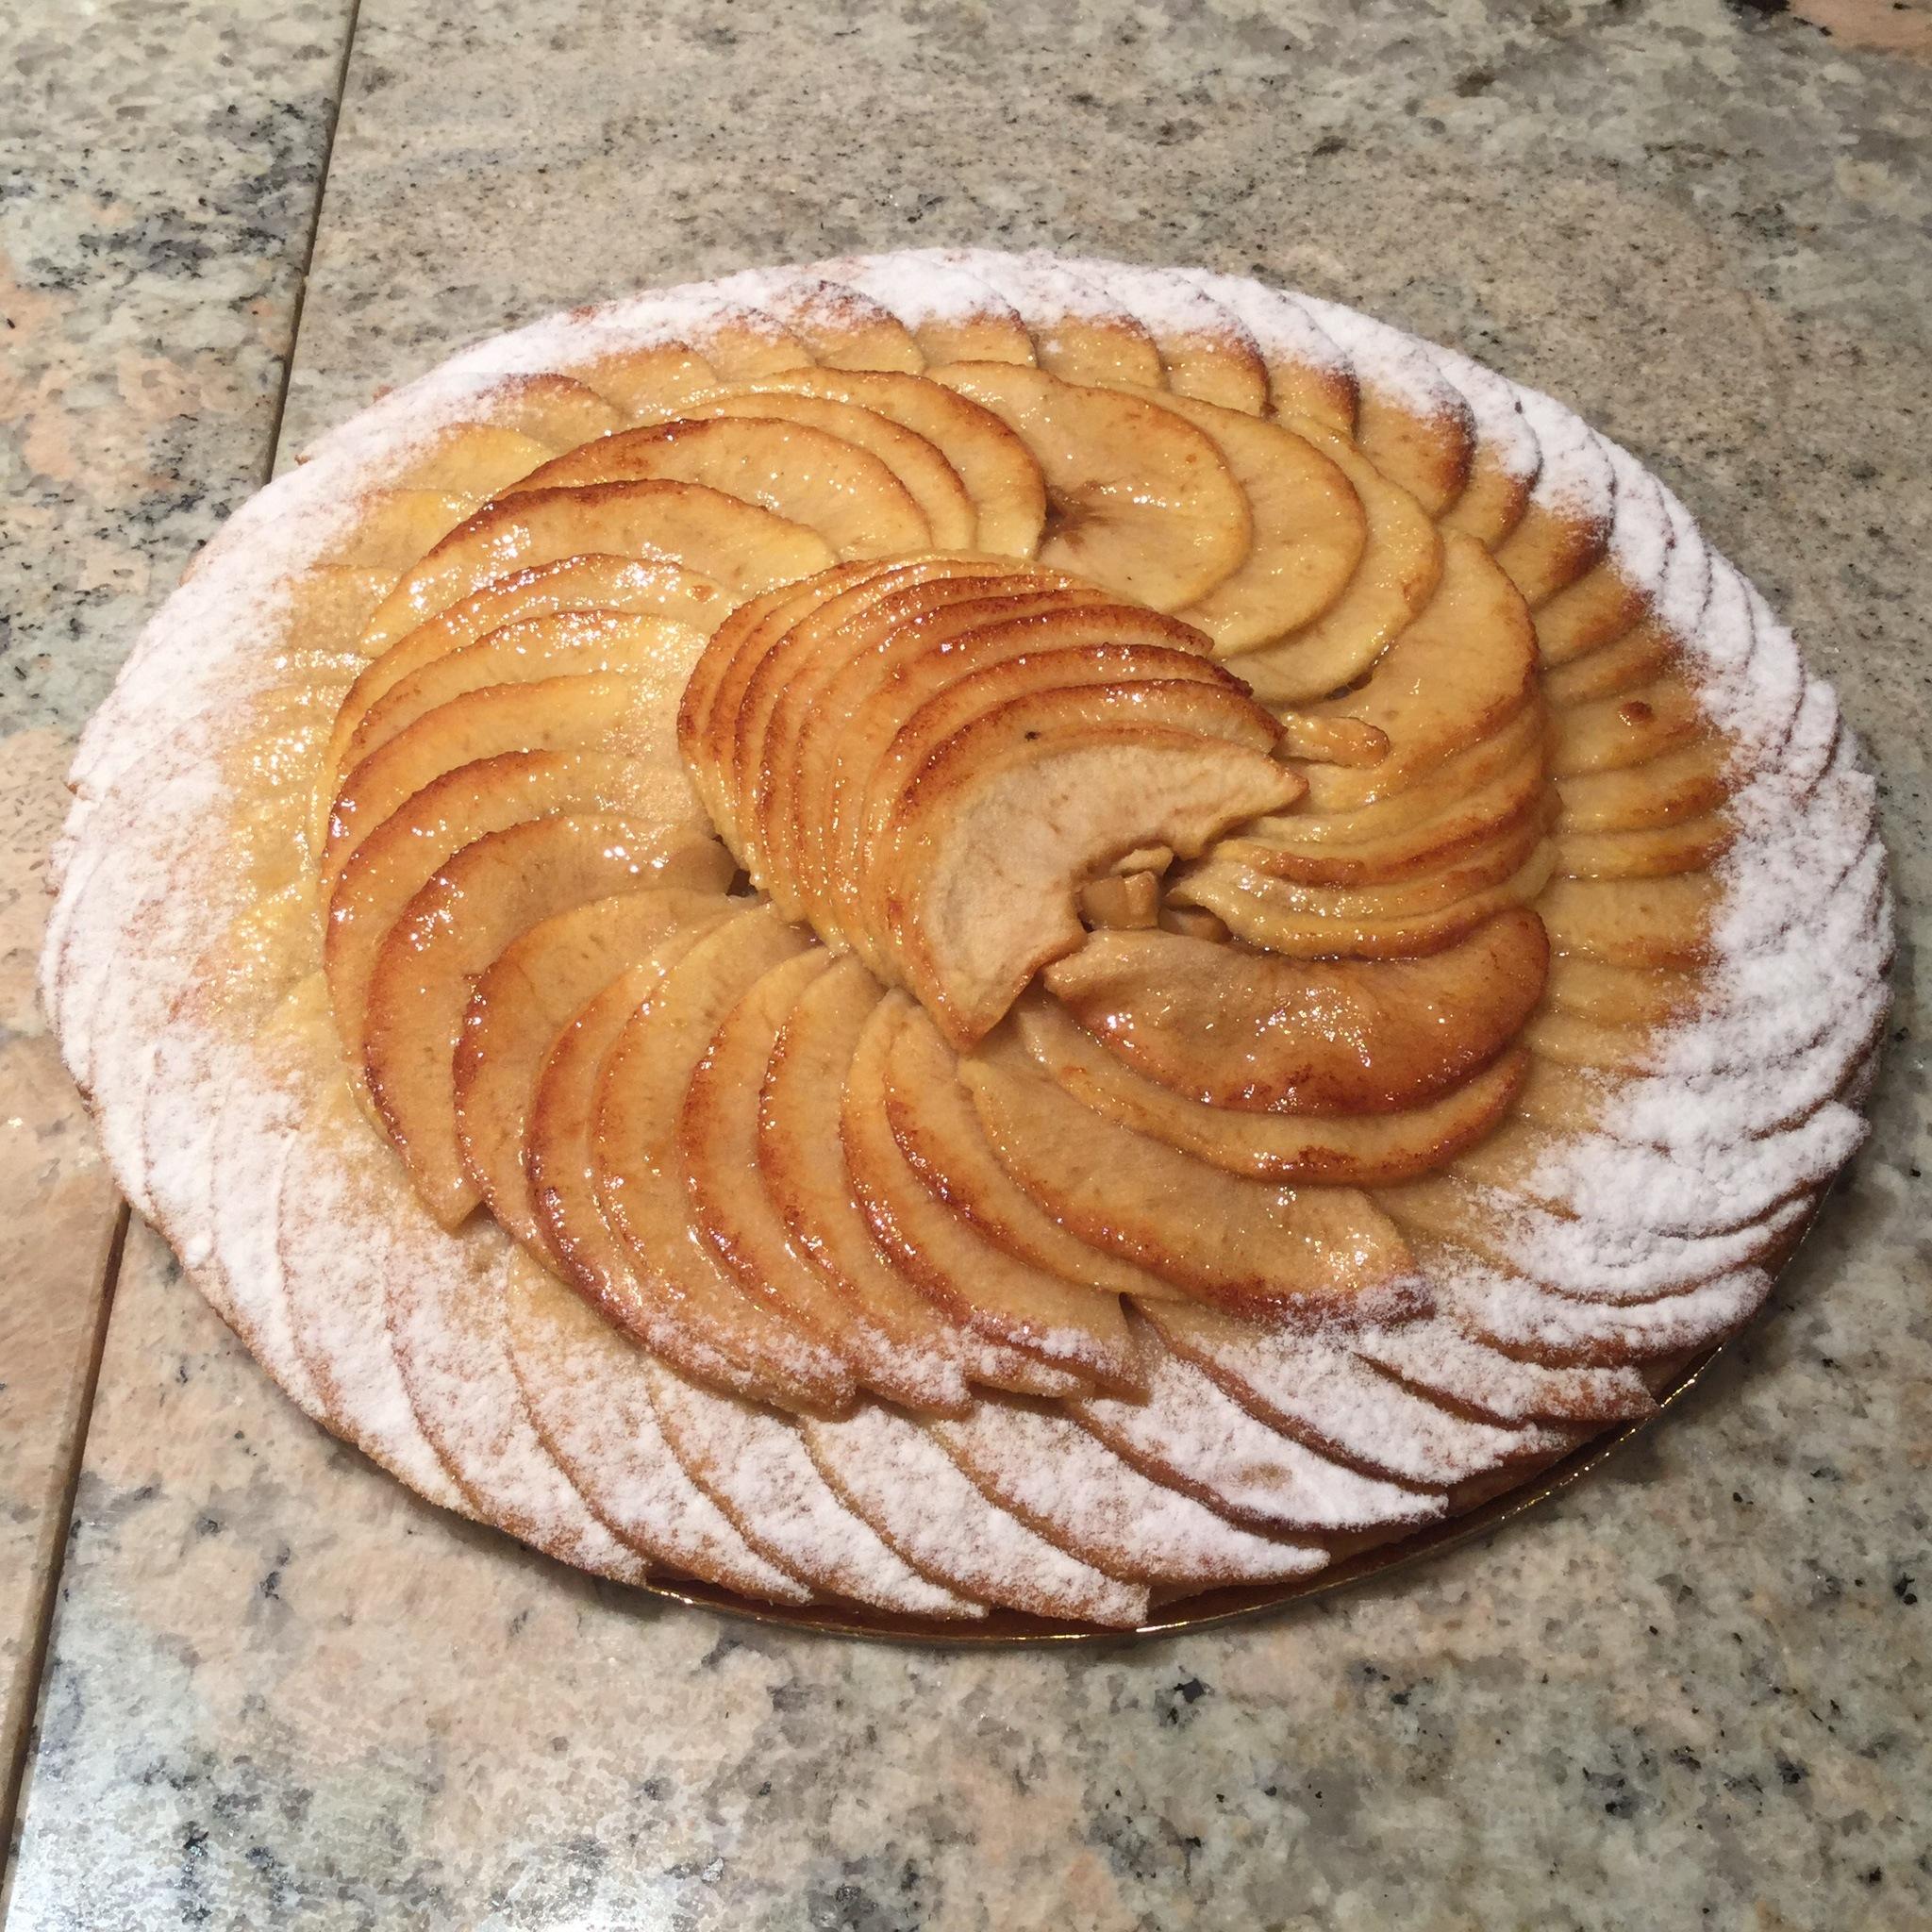 Tarte aux pommes patisserie maison braissand meribel